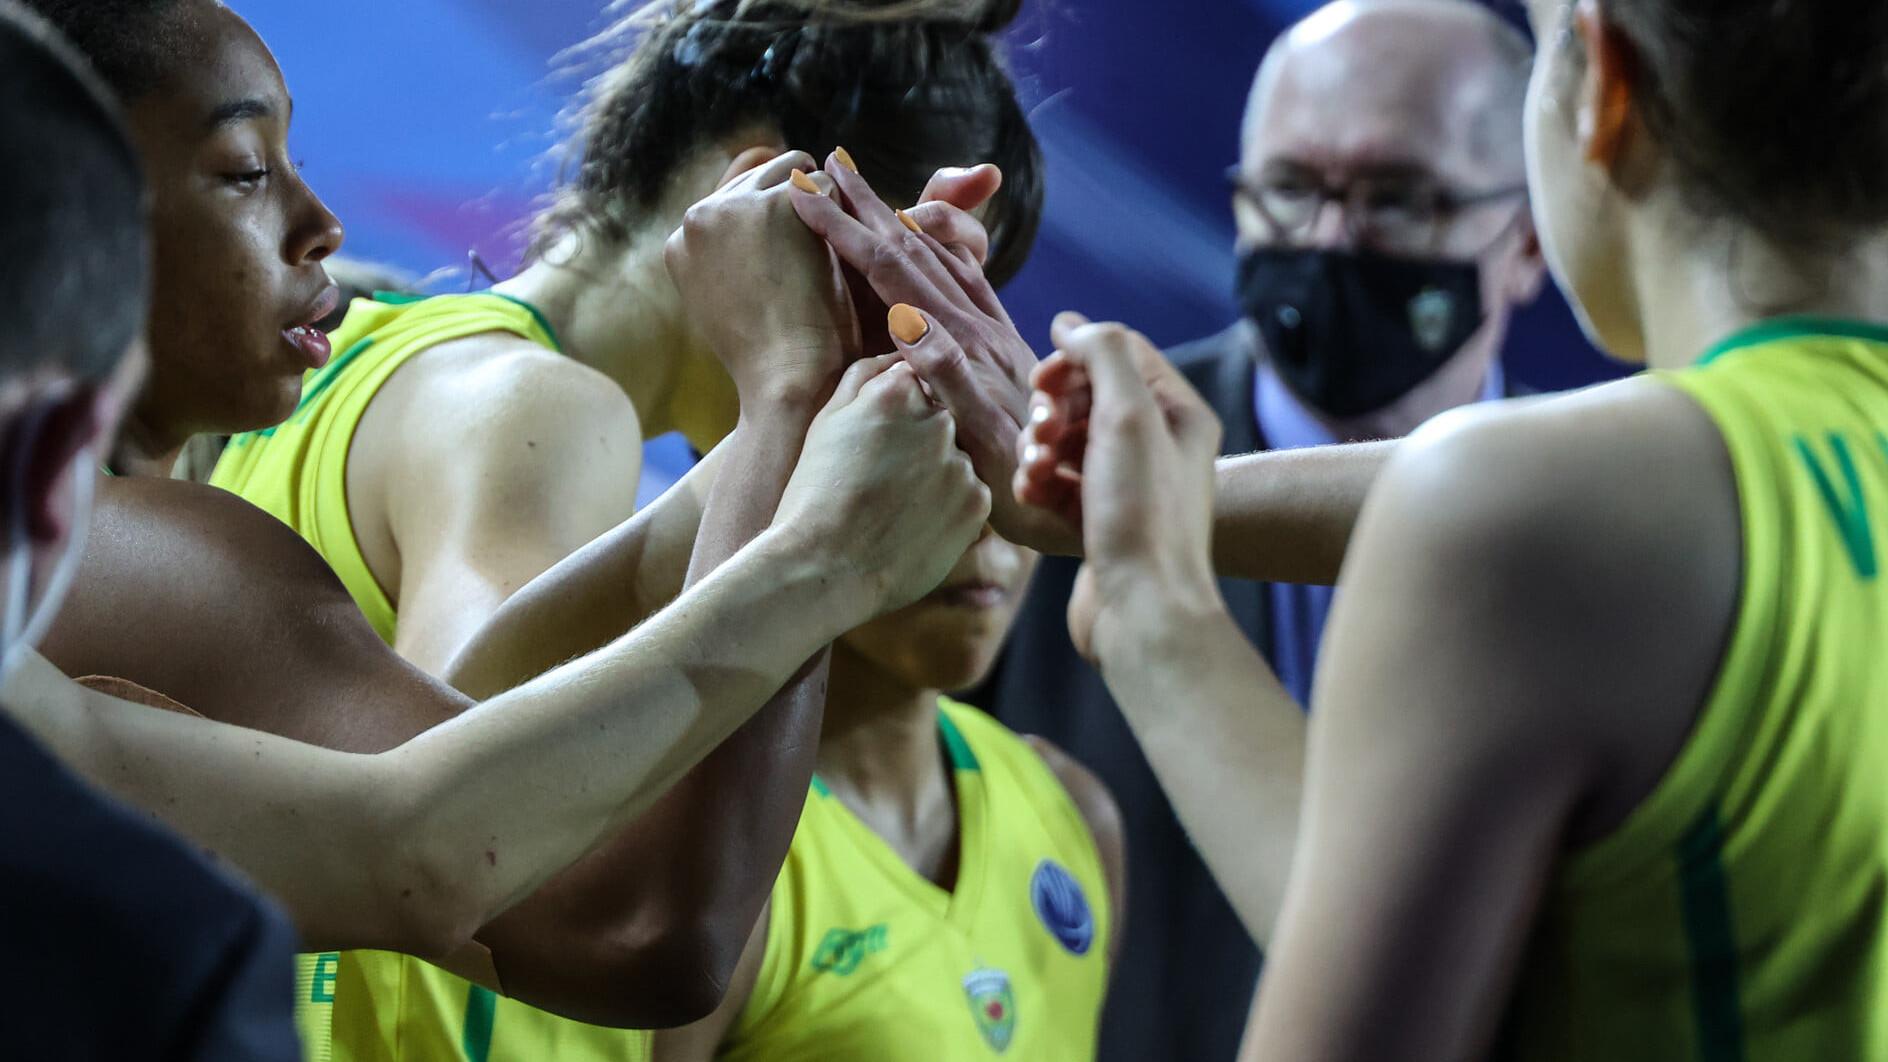 Hazai sikerrel kezdte a döntőt a címvédő Sopron